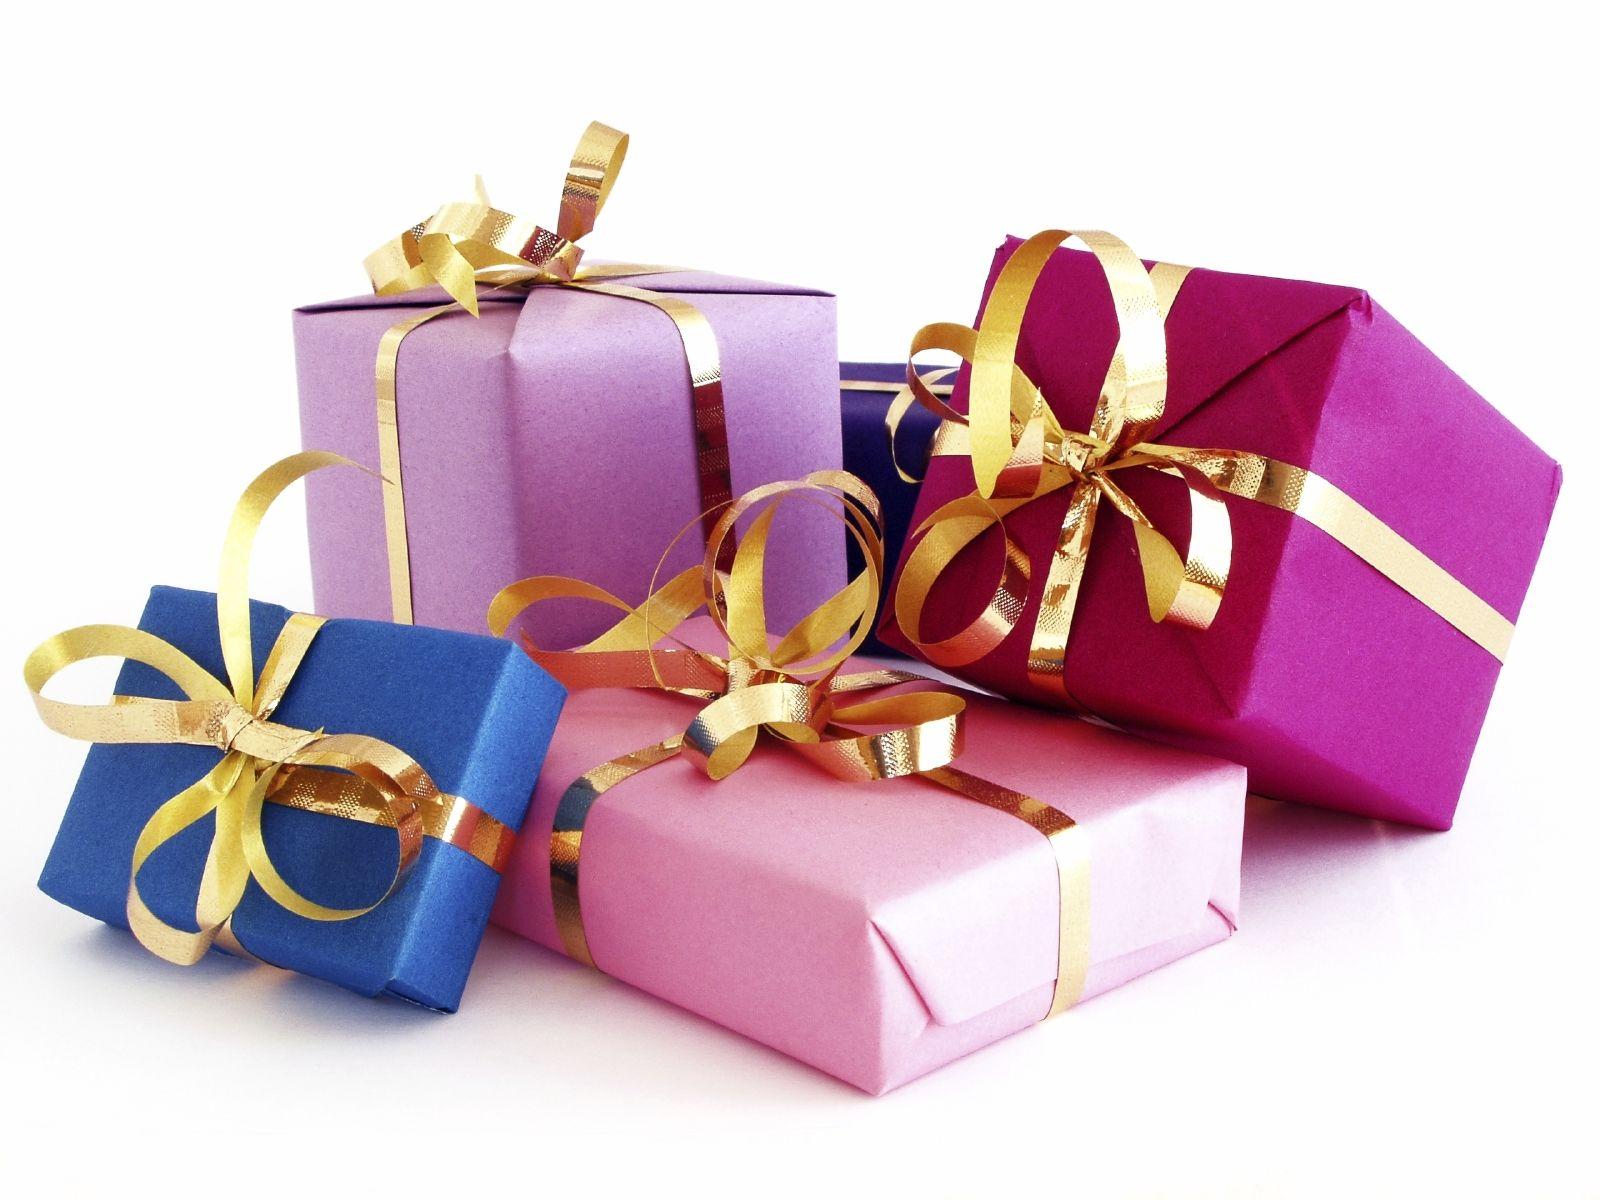 عيد ميلاد الأغلى على قلوبي وقلبكم فرياال ... Christmas-Gifts-for-